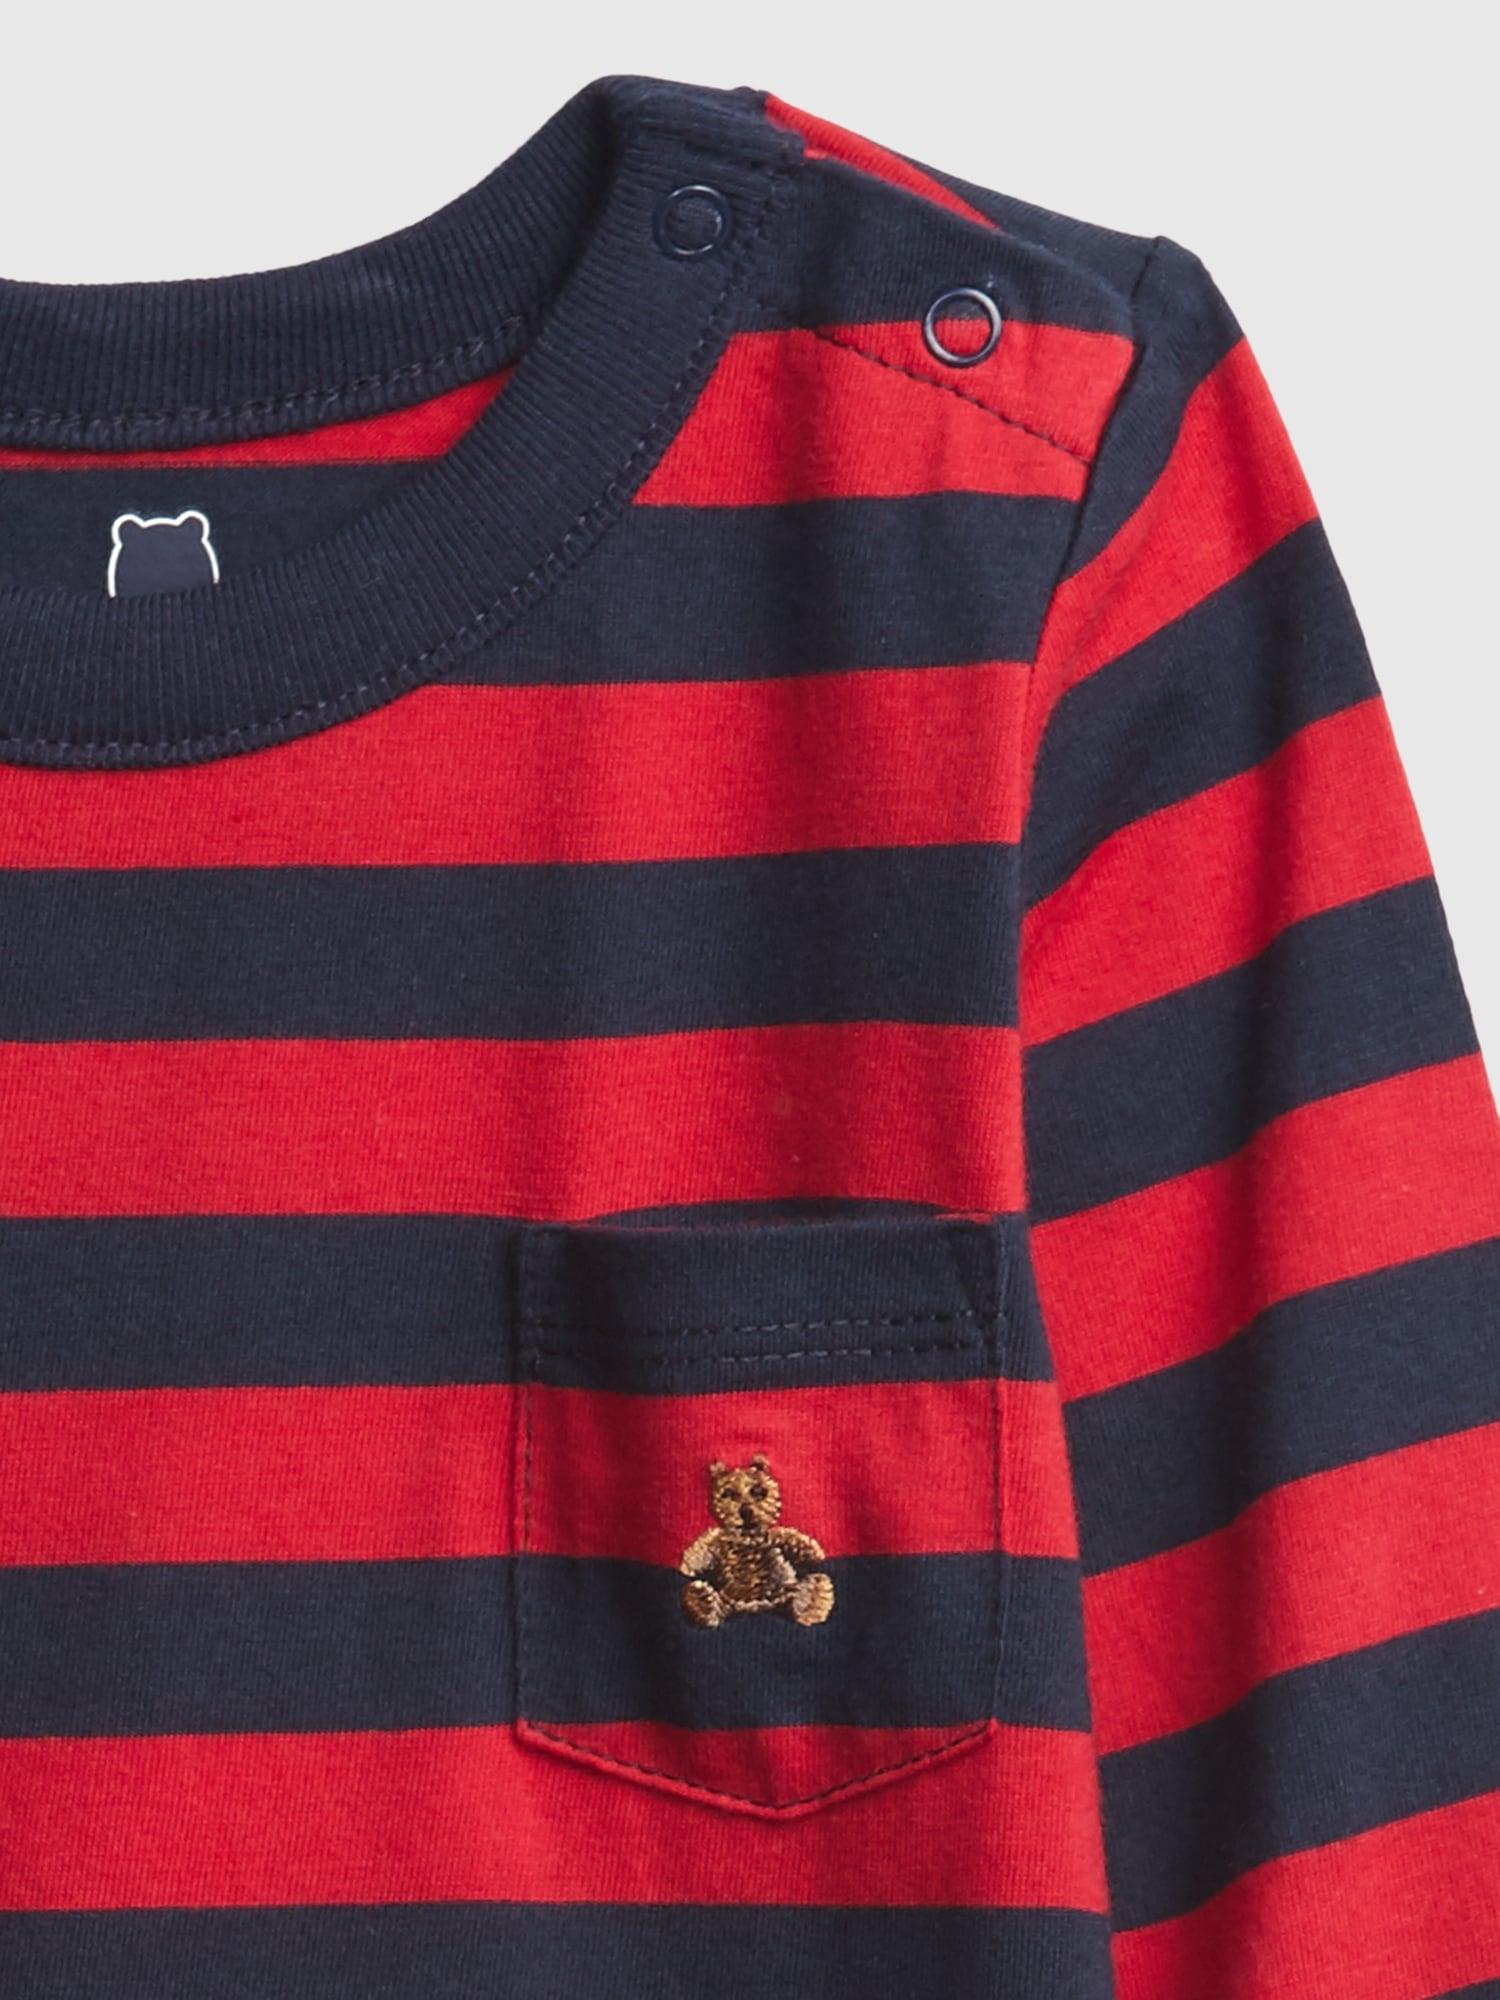 GAP Maglietta bambino rosso